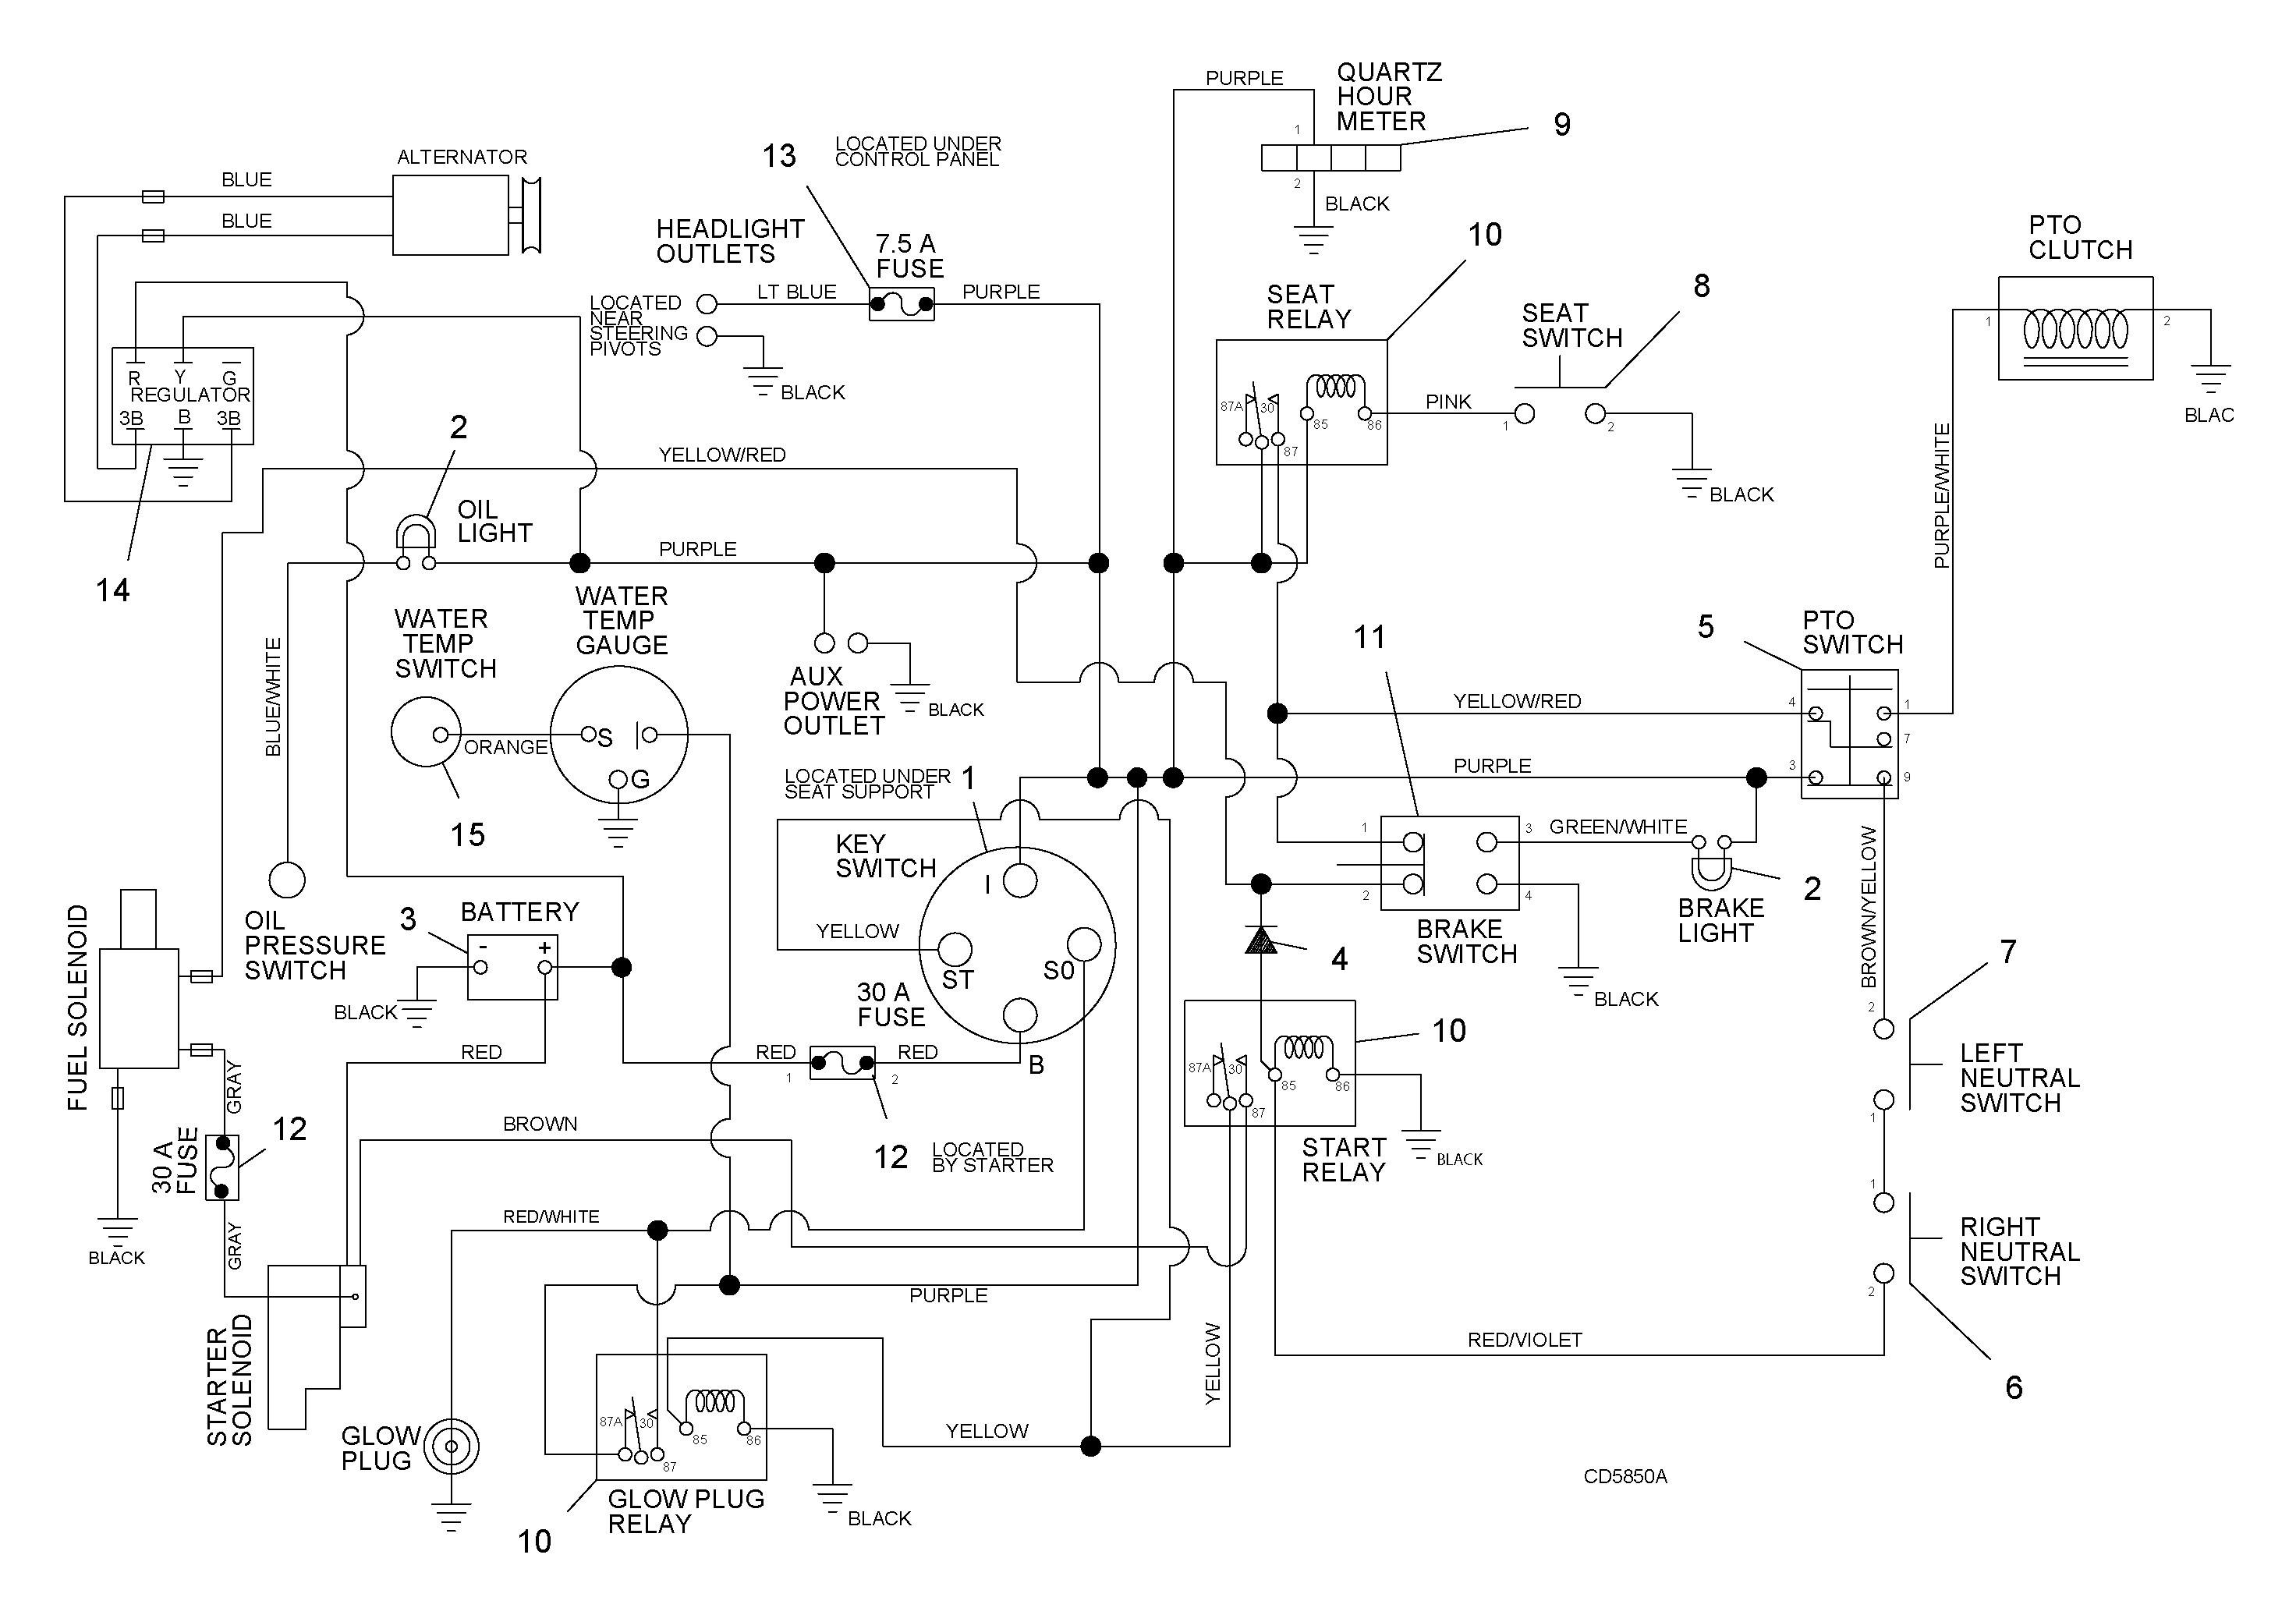 Kubota Wiring Diagram Pdf | Free Wiring Diagram - Kubota Wiring Diagram Pdf